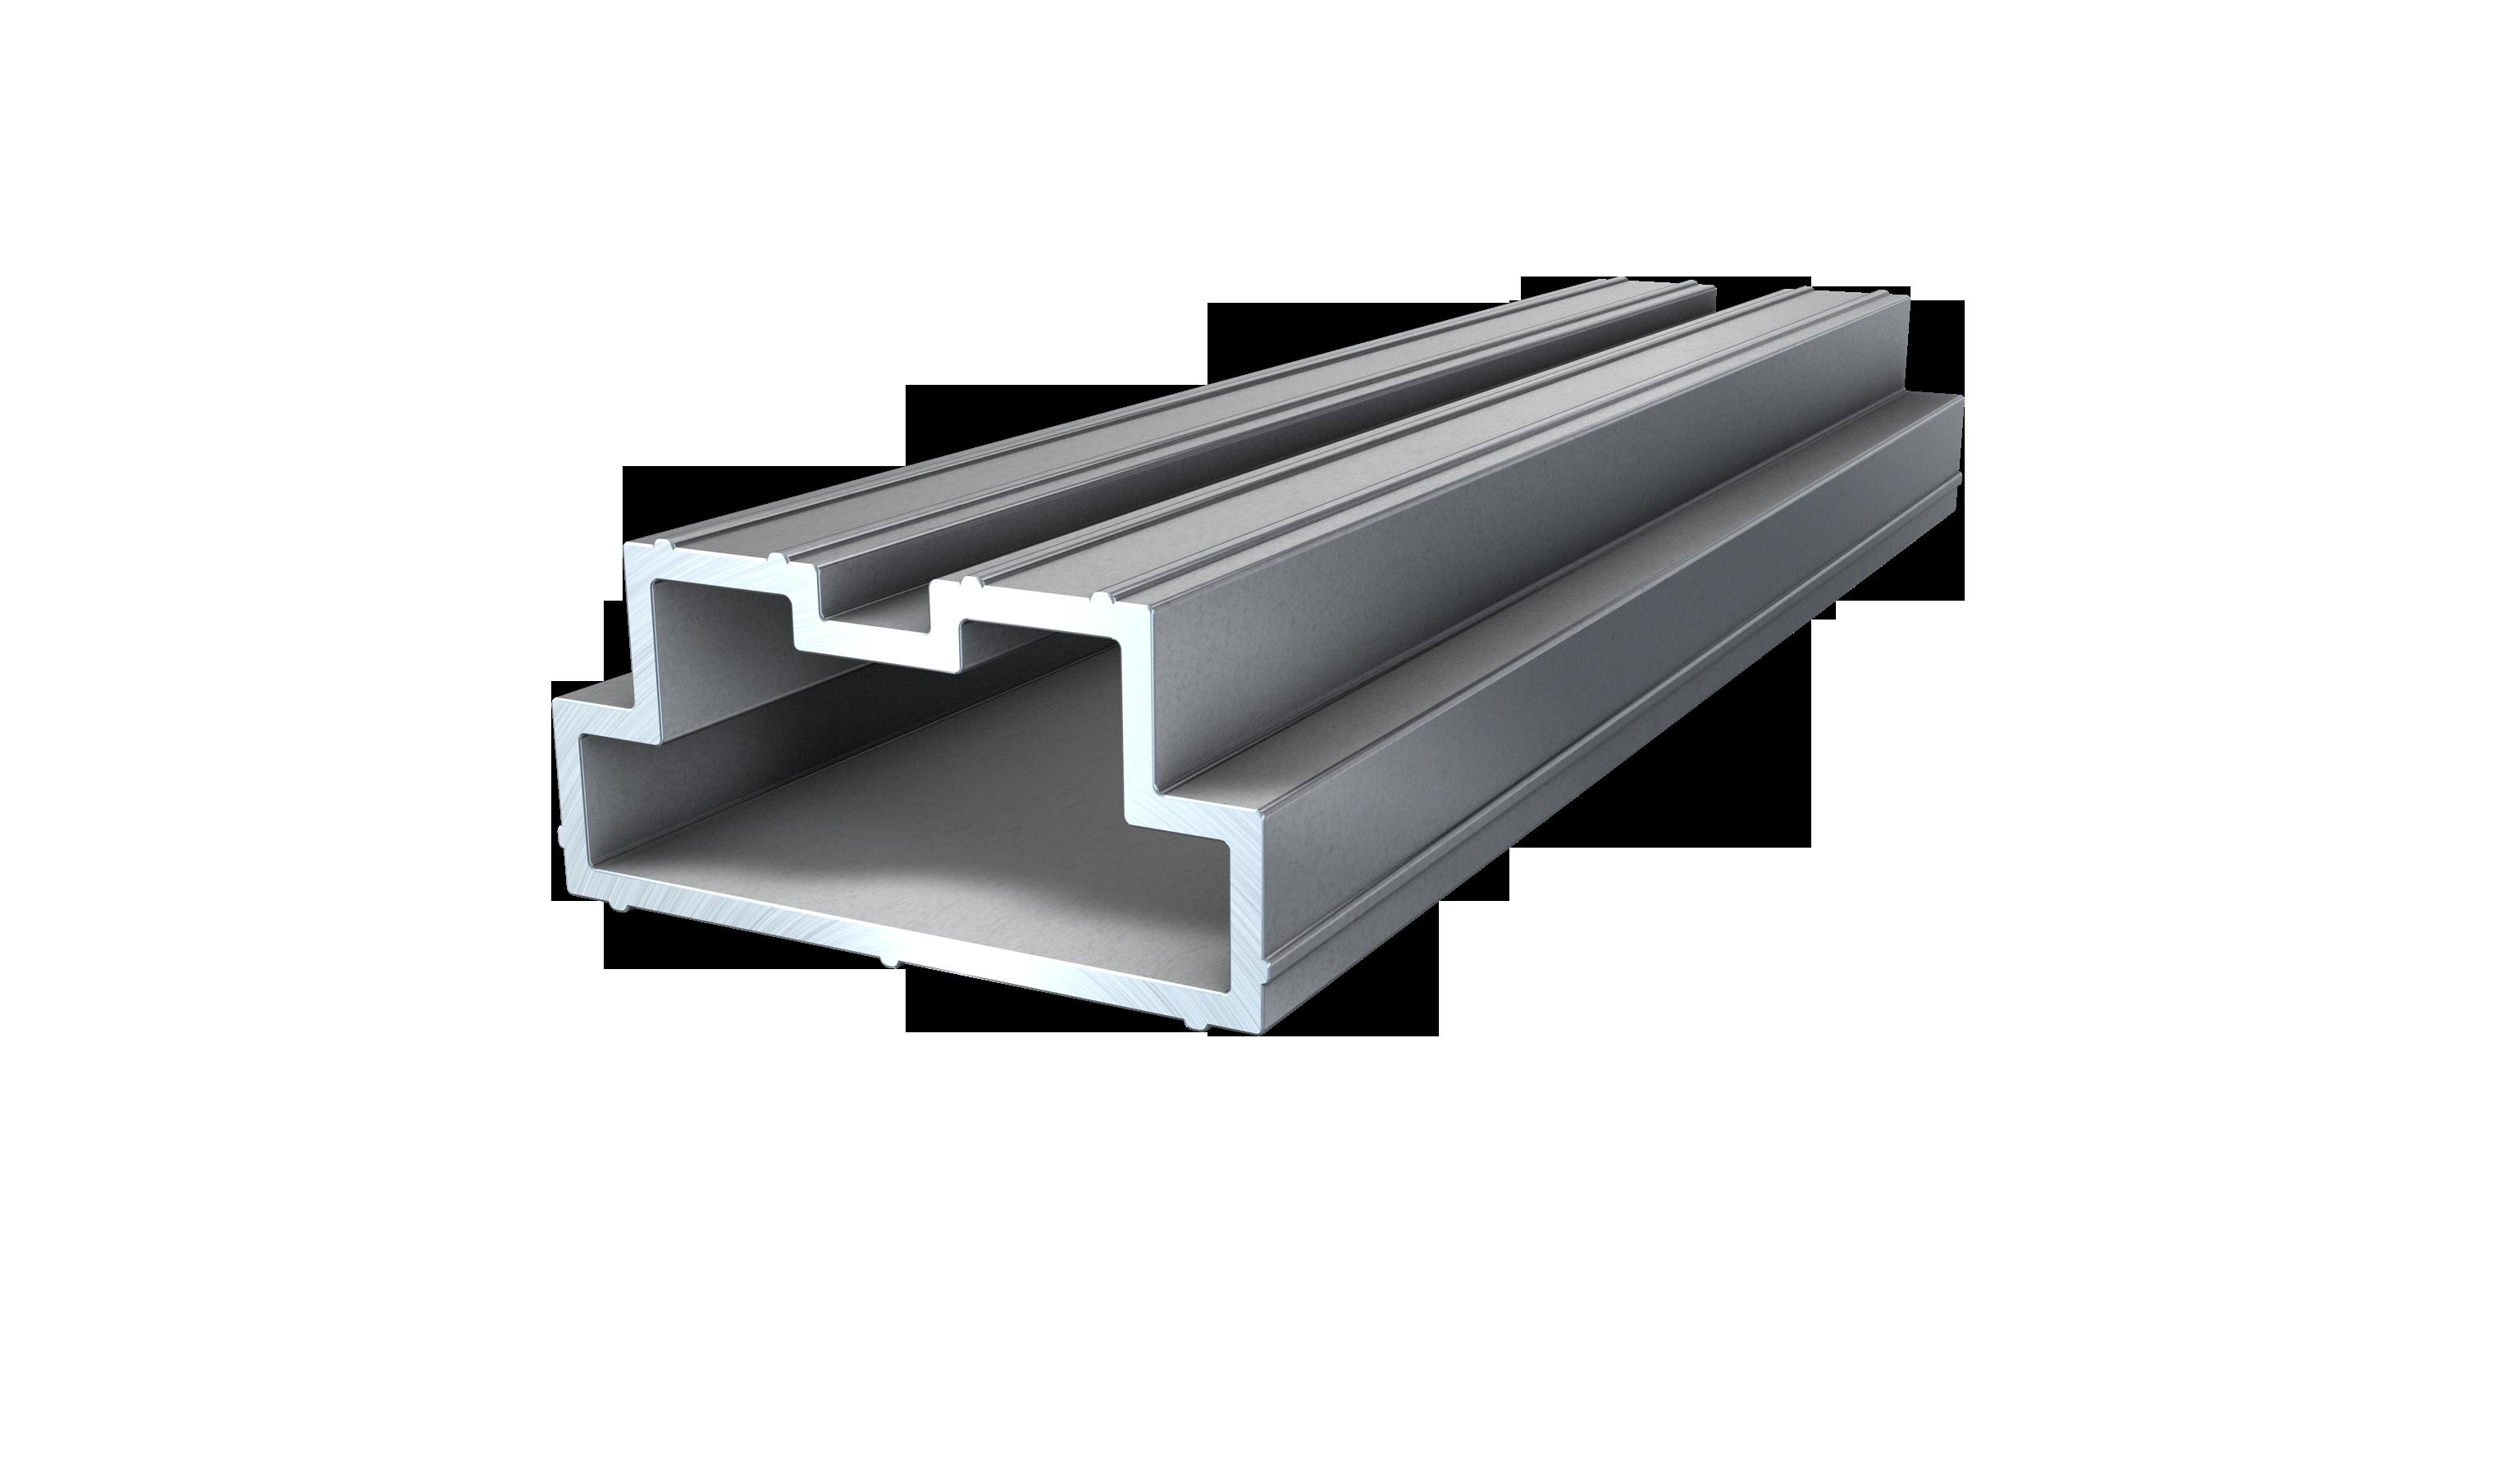 Kovalex Verbinder für Aluminium Profi Unterkonstruktion - 4 Stück im Beutel inkl. Schrauben